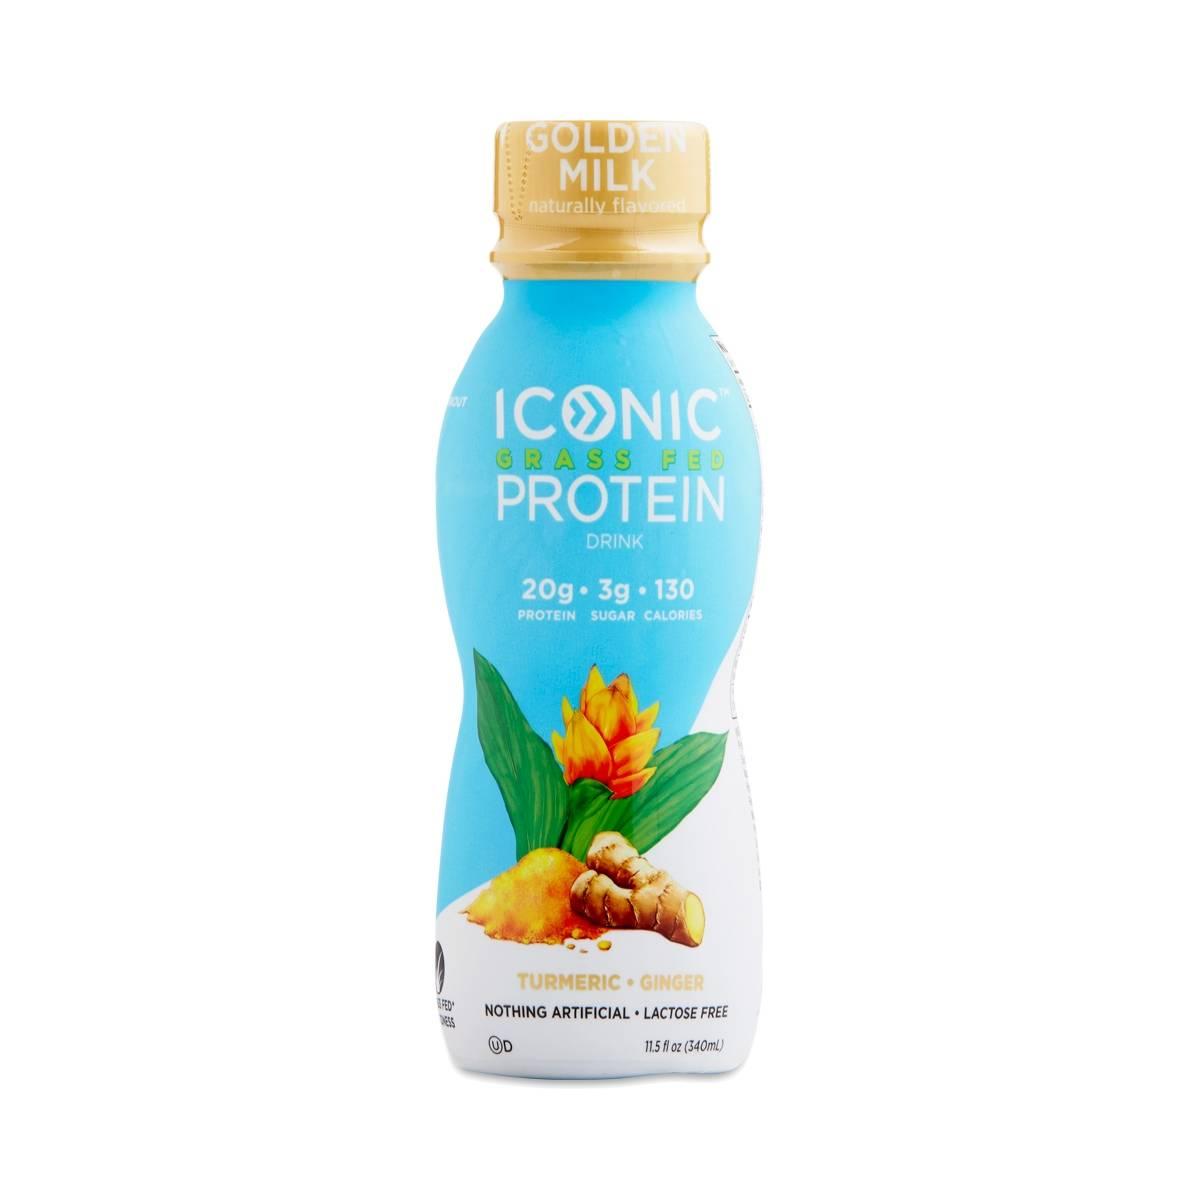 Iconic Protein Golden Milk Grass Fed Protein Drink